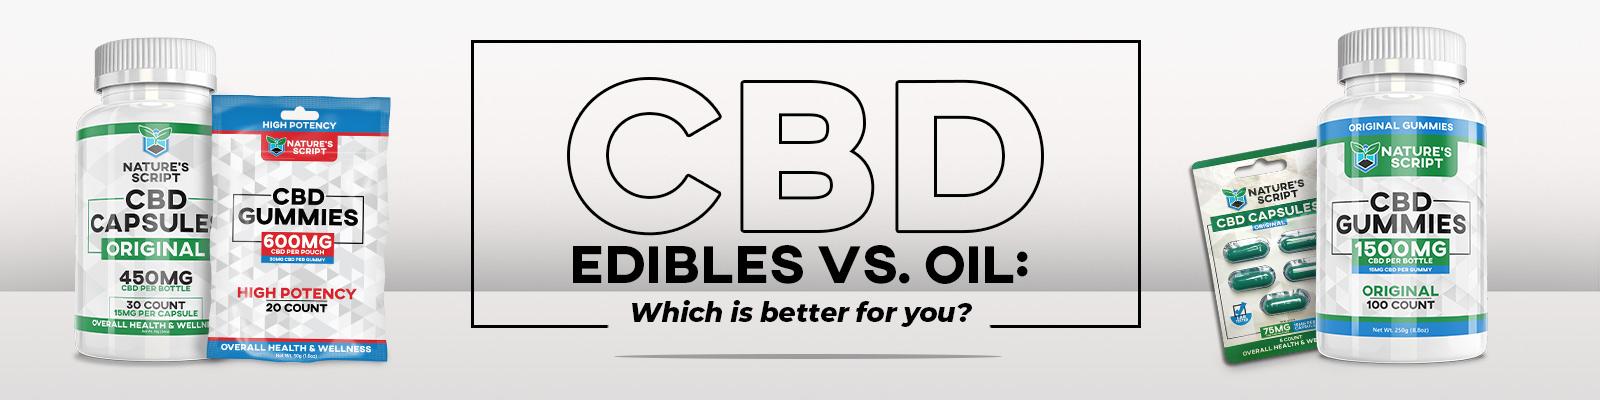 cbd edibles vs oil